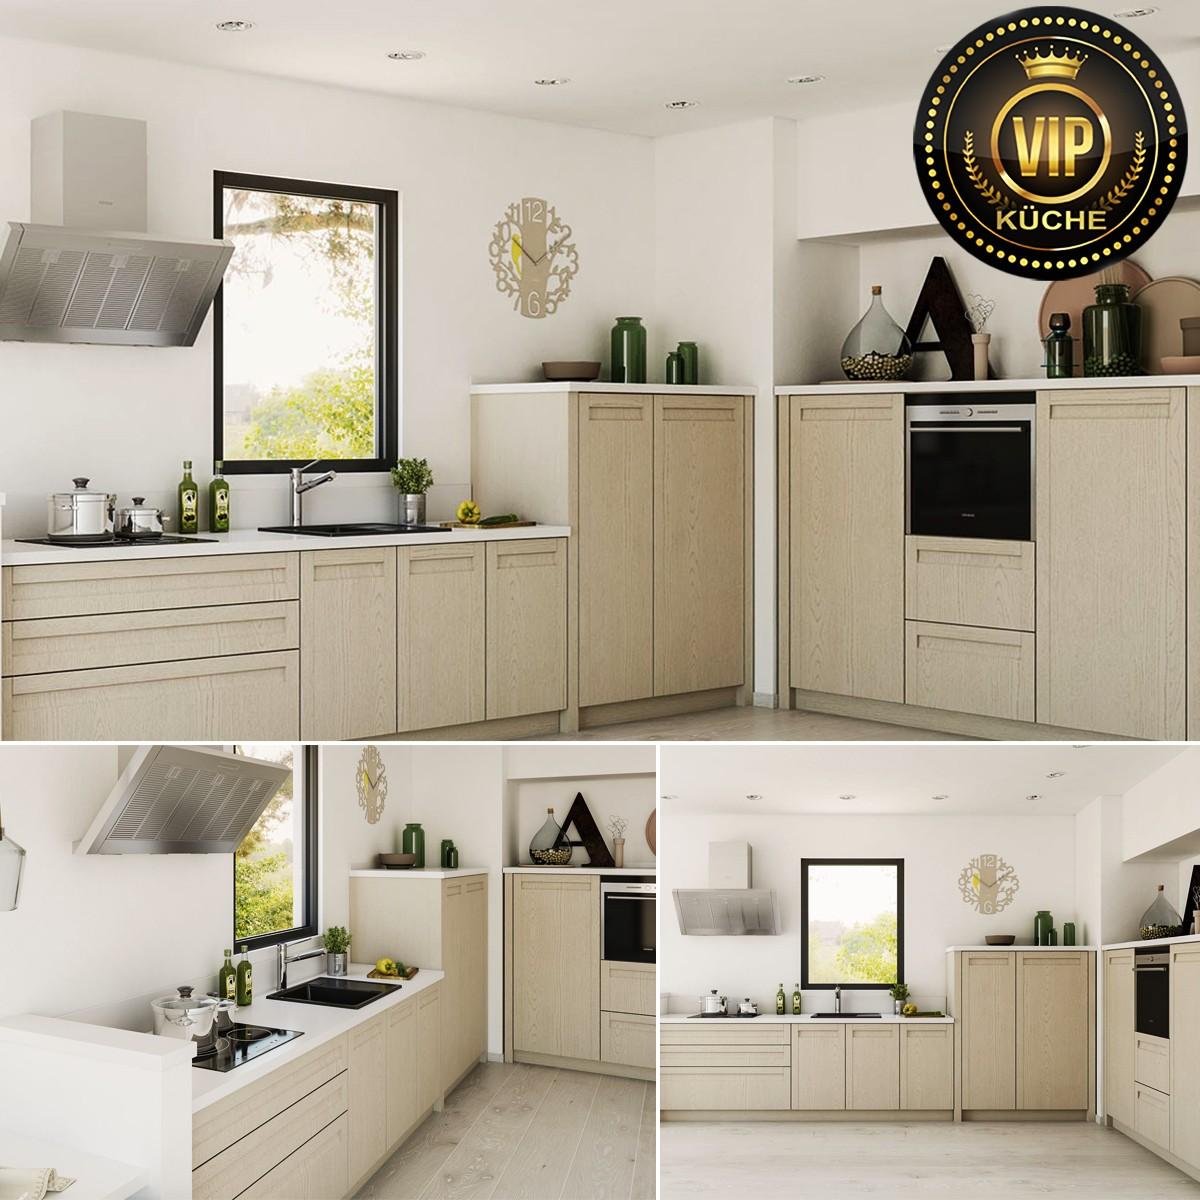 Full Size of Küche L Form Günstig Küche L Form Mit Insel Günstige Küche L Form Küche L Form Weiß Hochglanz Küche Küche L Form